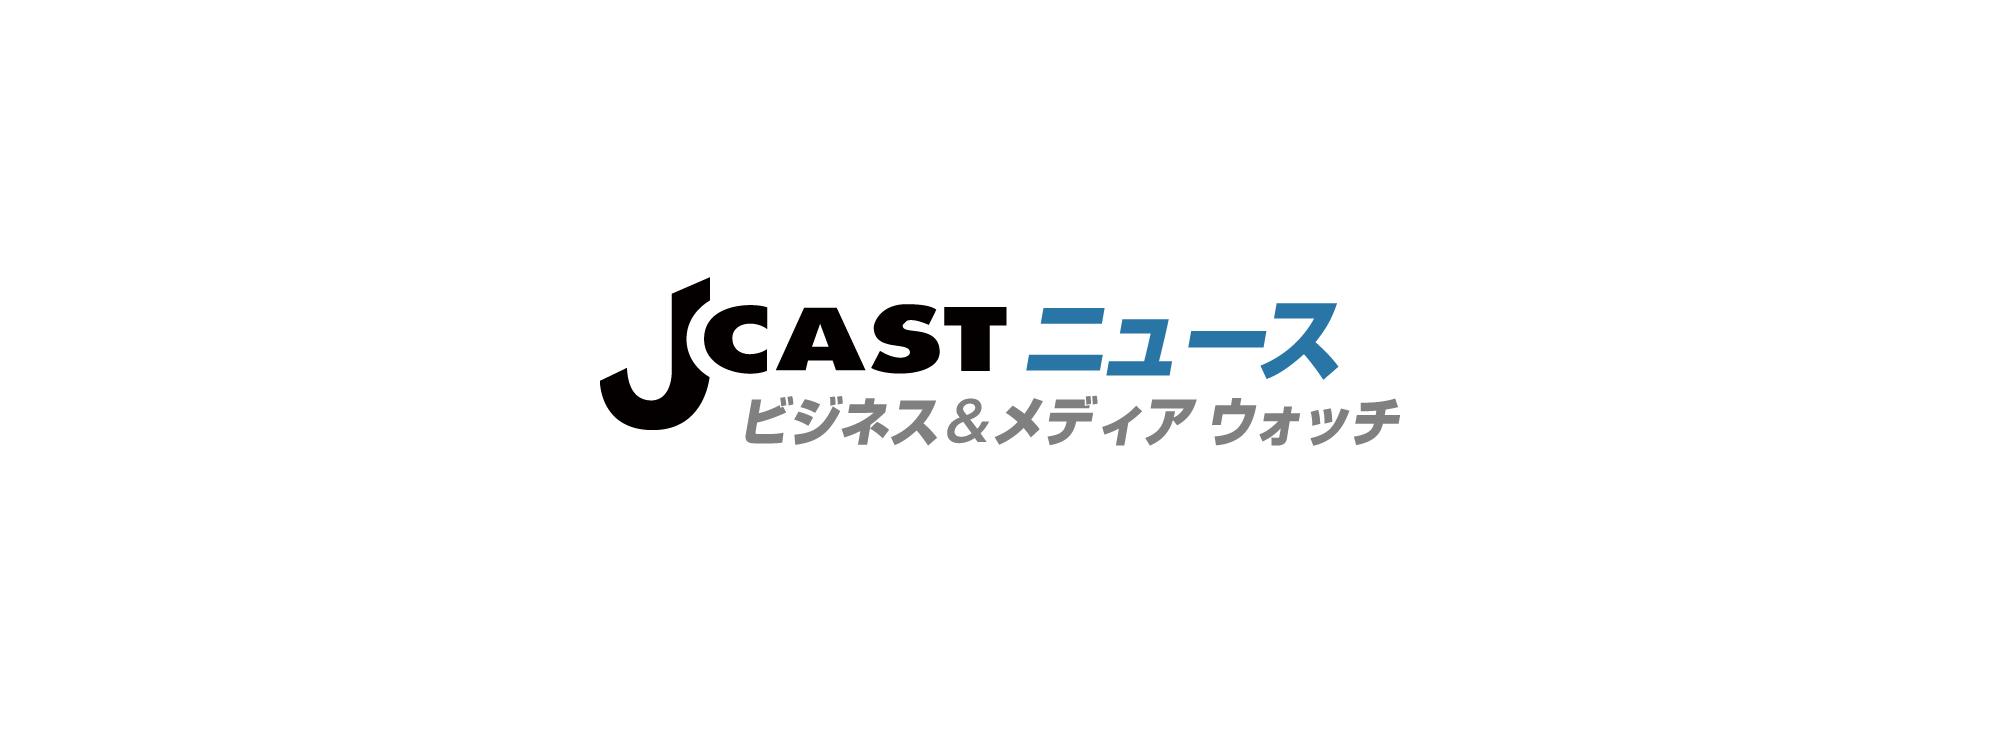 日テレ「NEWS ZERO」山岸舞彩セクハラのプロデューサー更迭!報道局から異動 : J-CASTテレビウォッチ